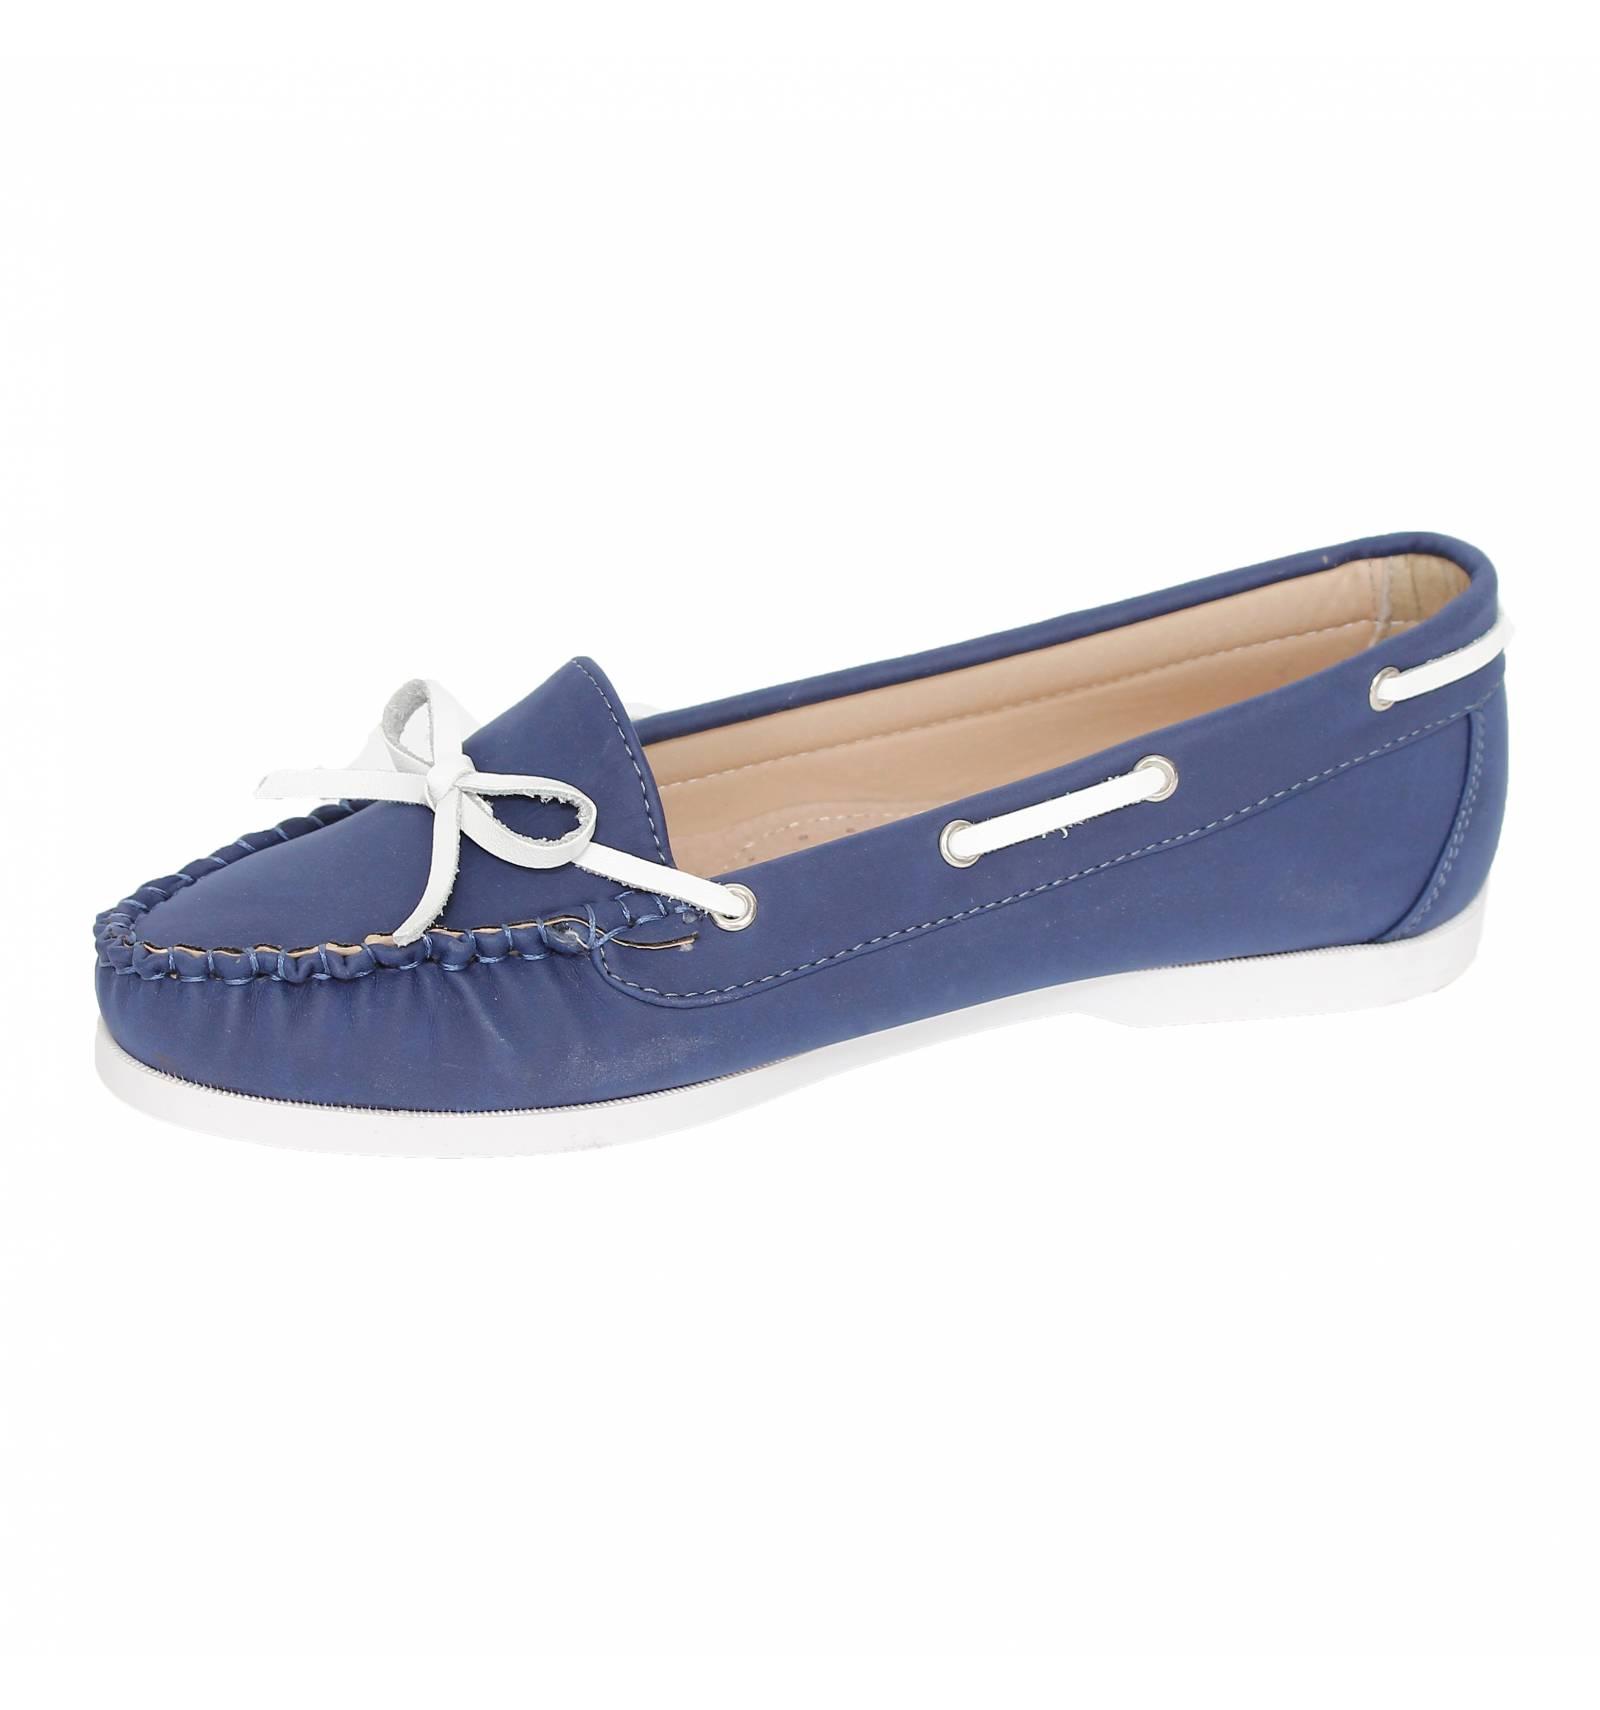 Chaussure mocassin bleu marine femme